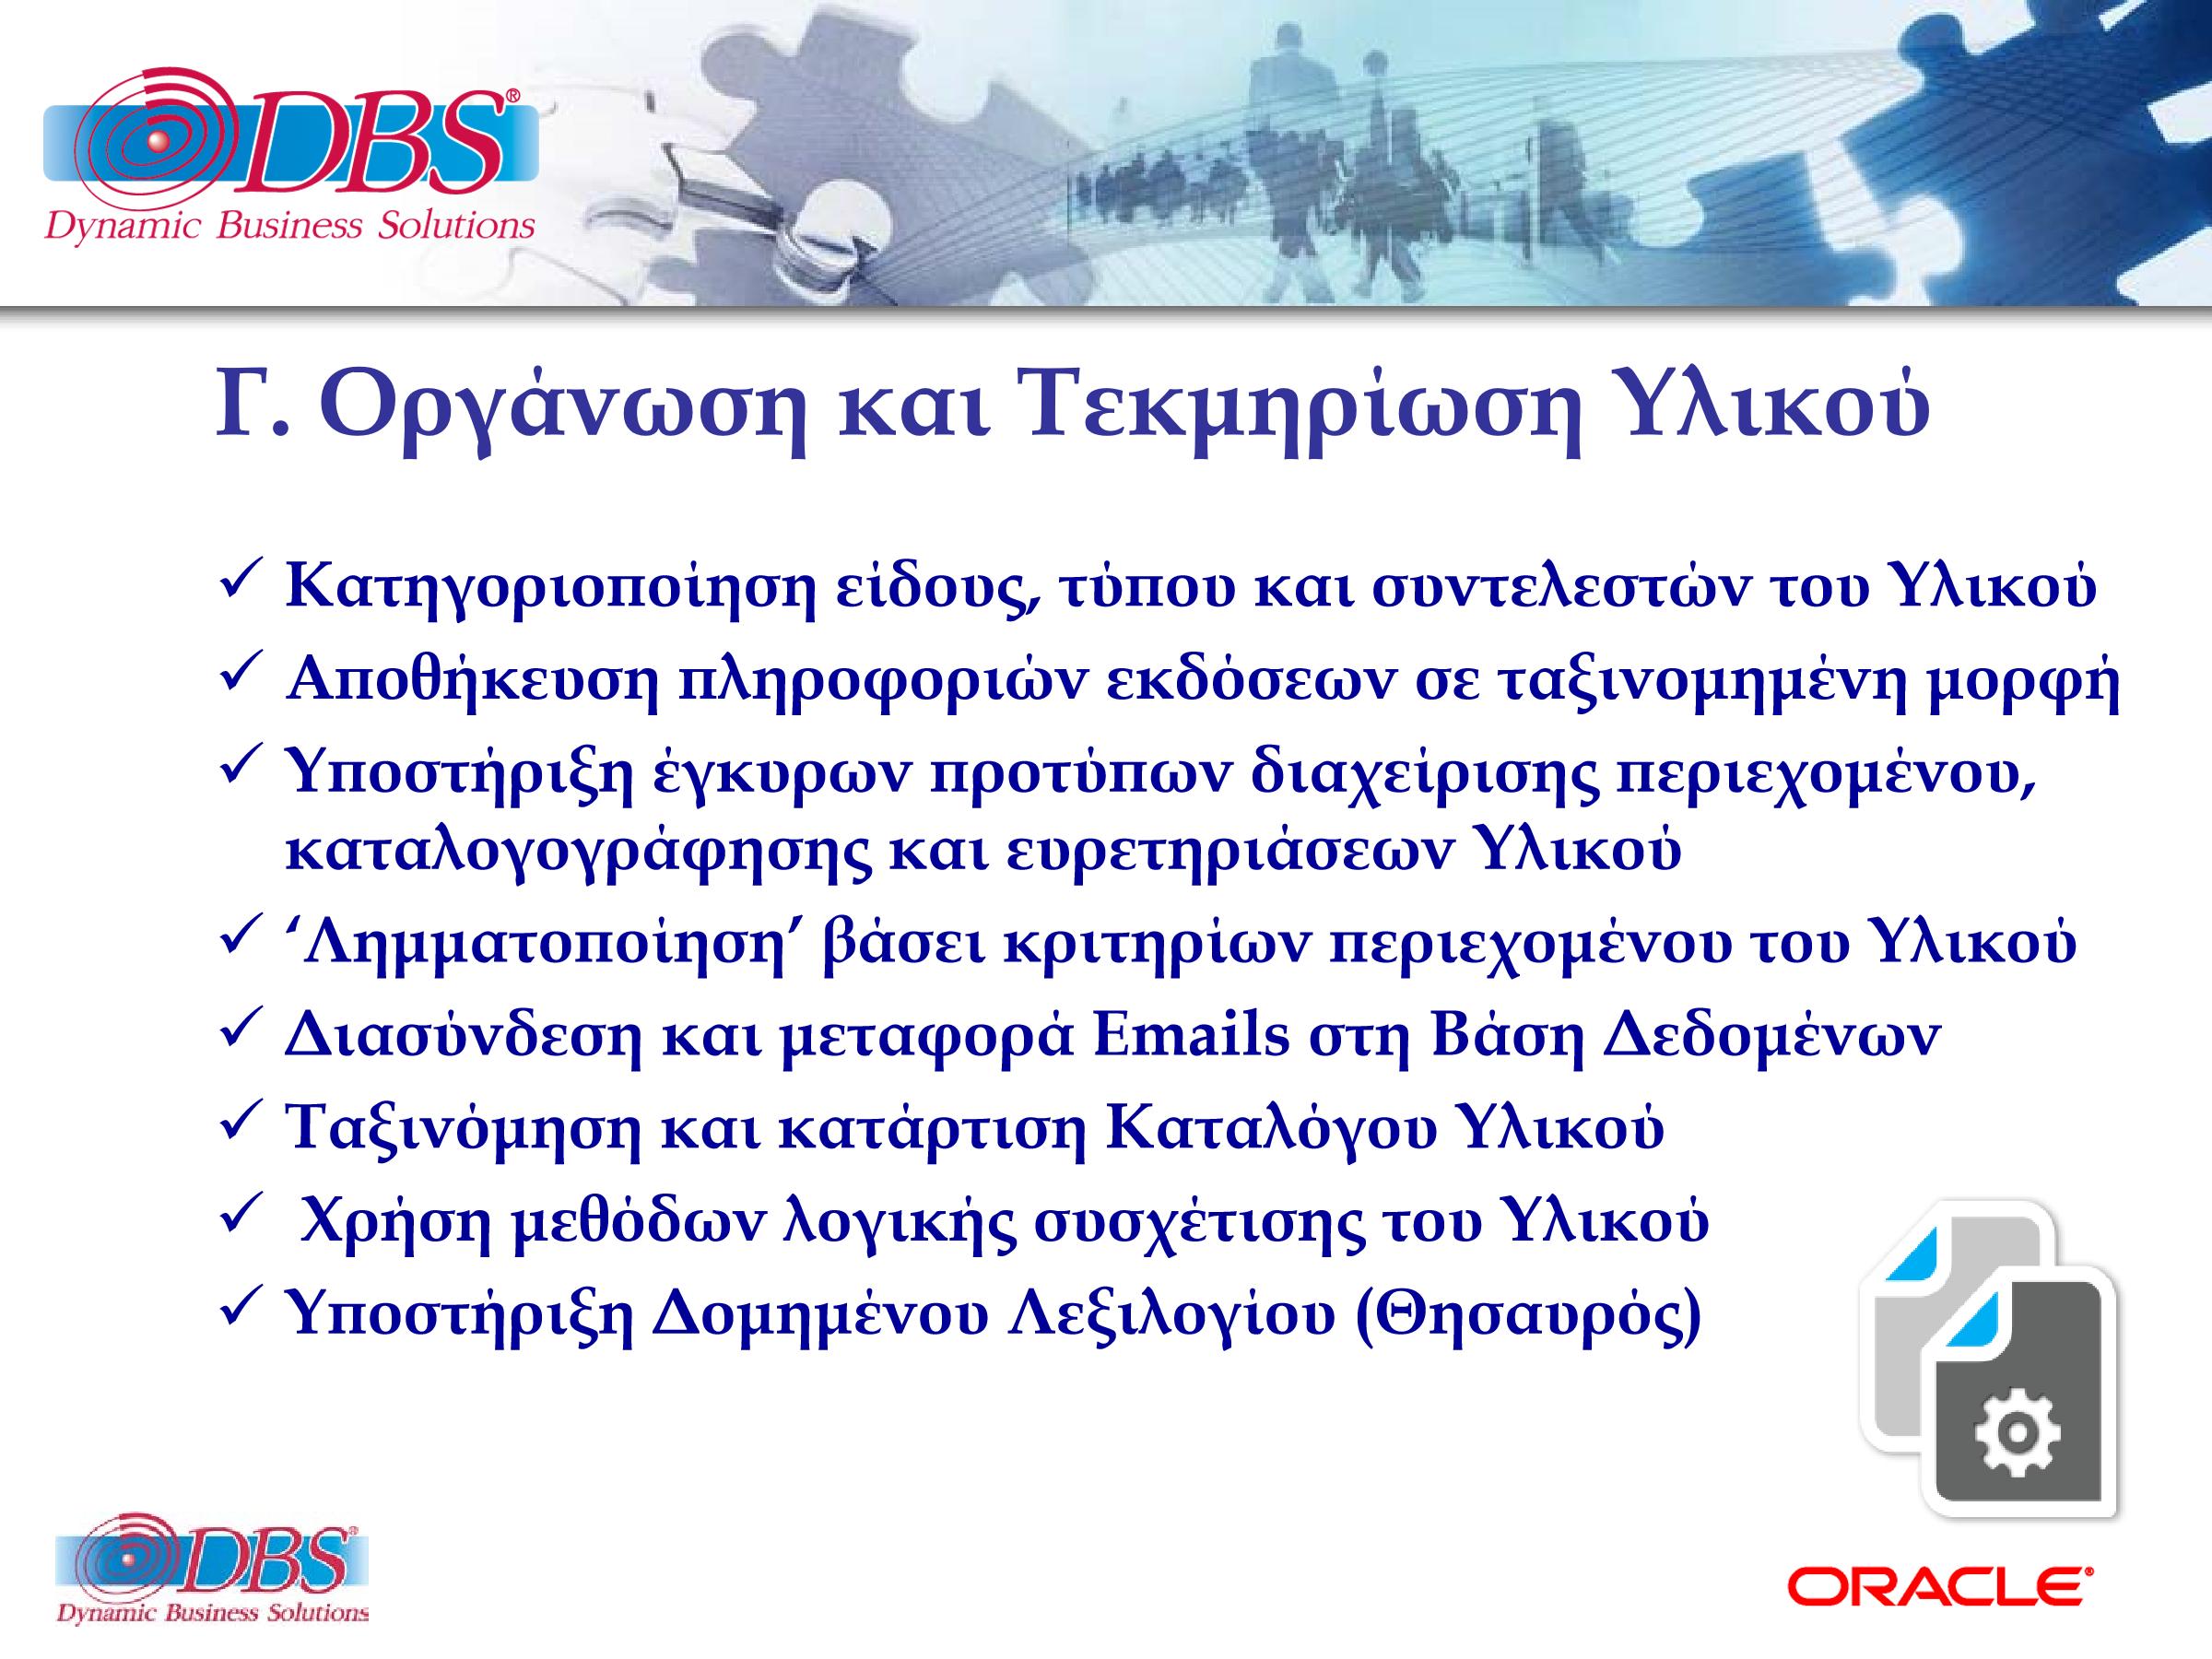 DBSDEMO2019_COMPANY_SERVICES_V18_R12-EL-14